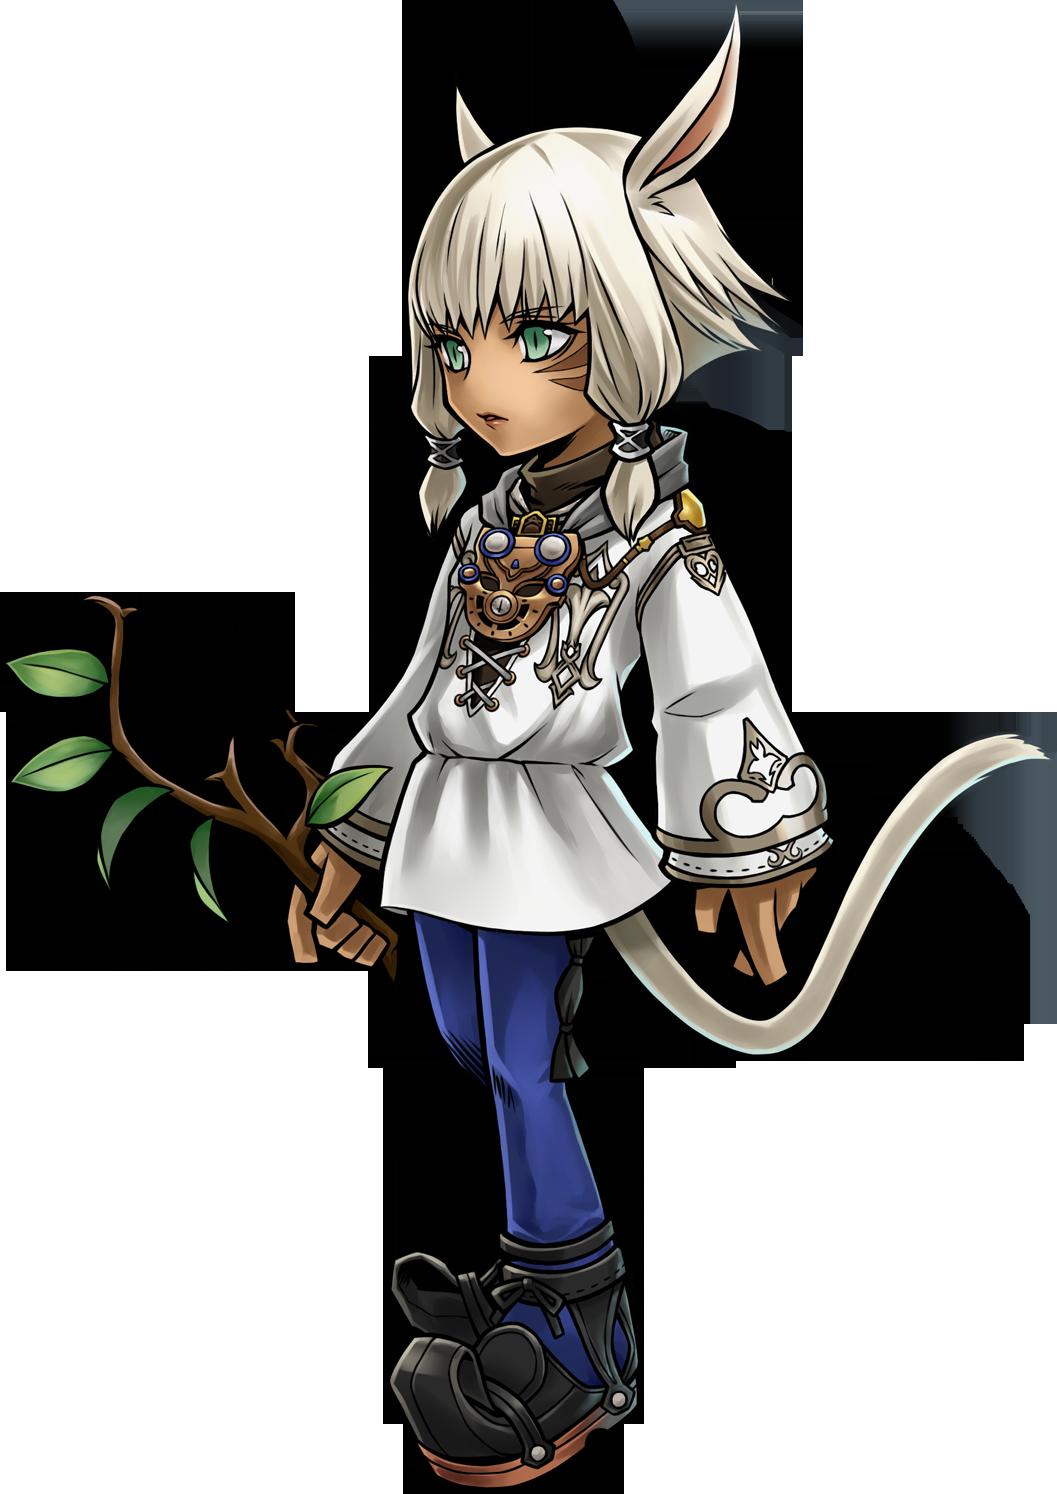 Yshtola Rhulopera Omnia Final Fantasy Wiki Fandom